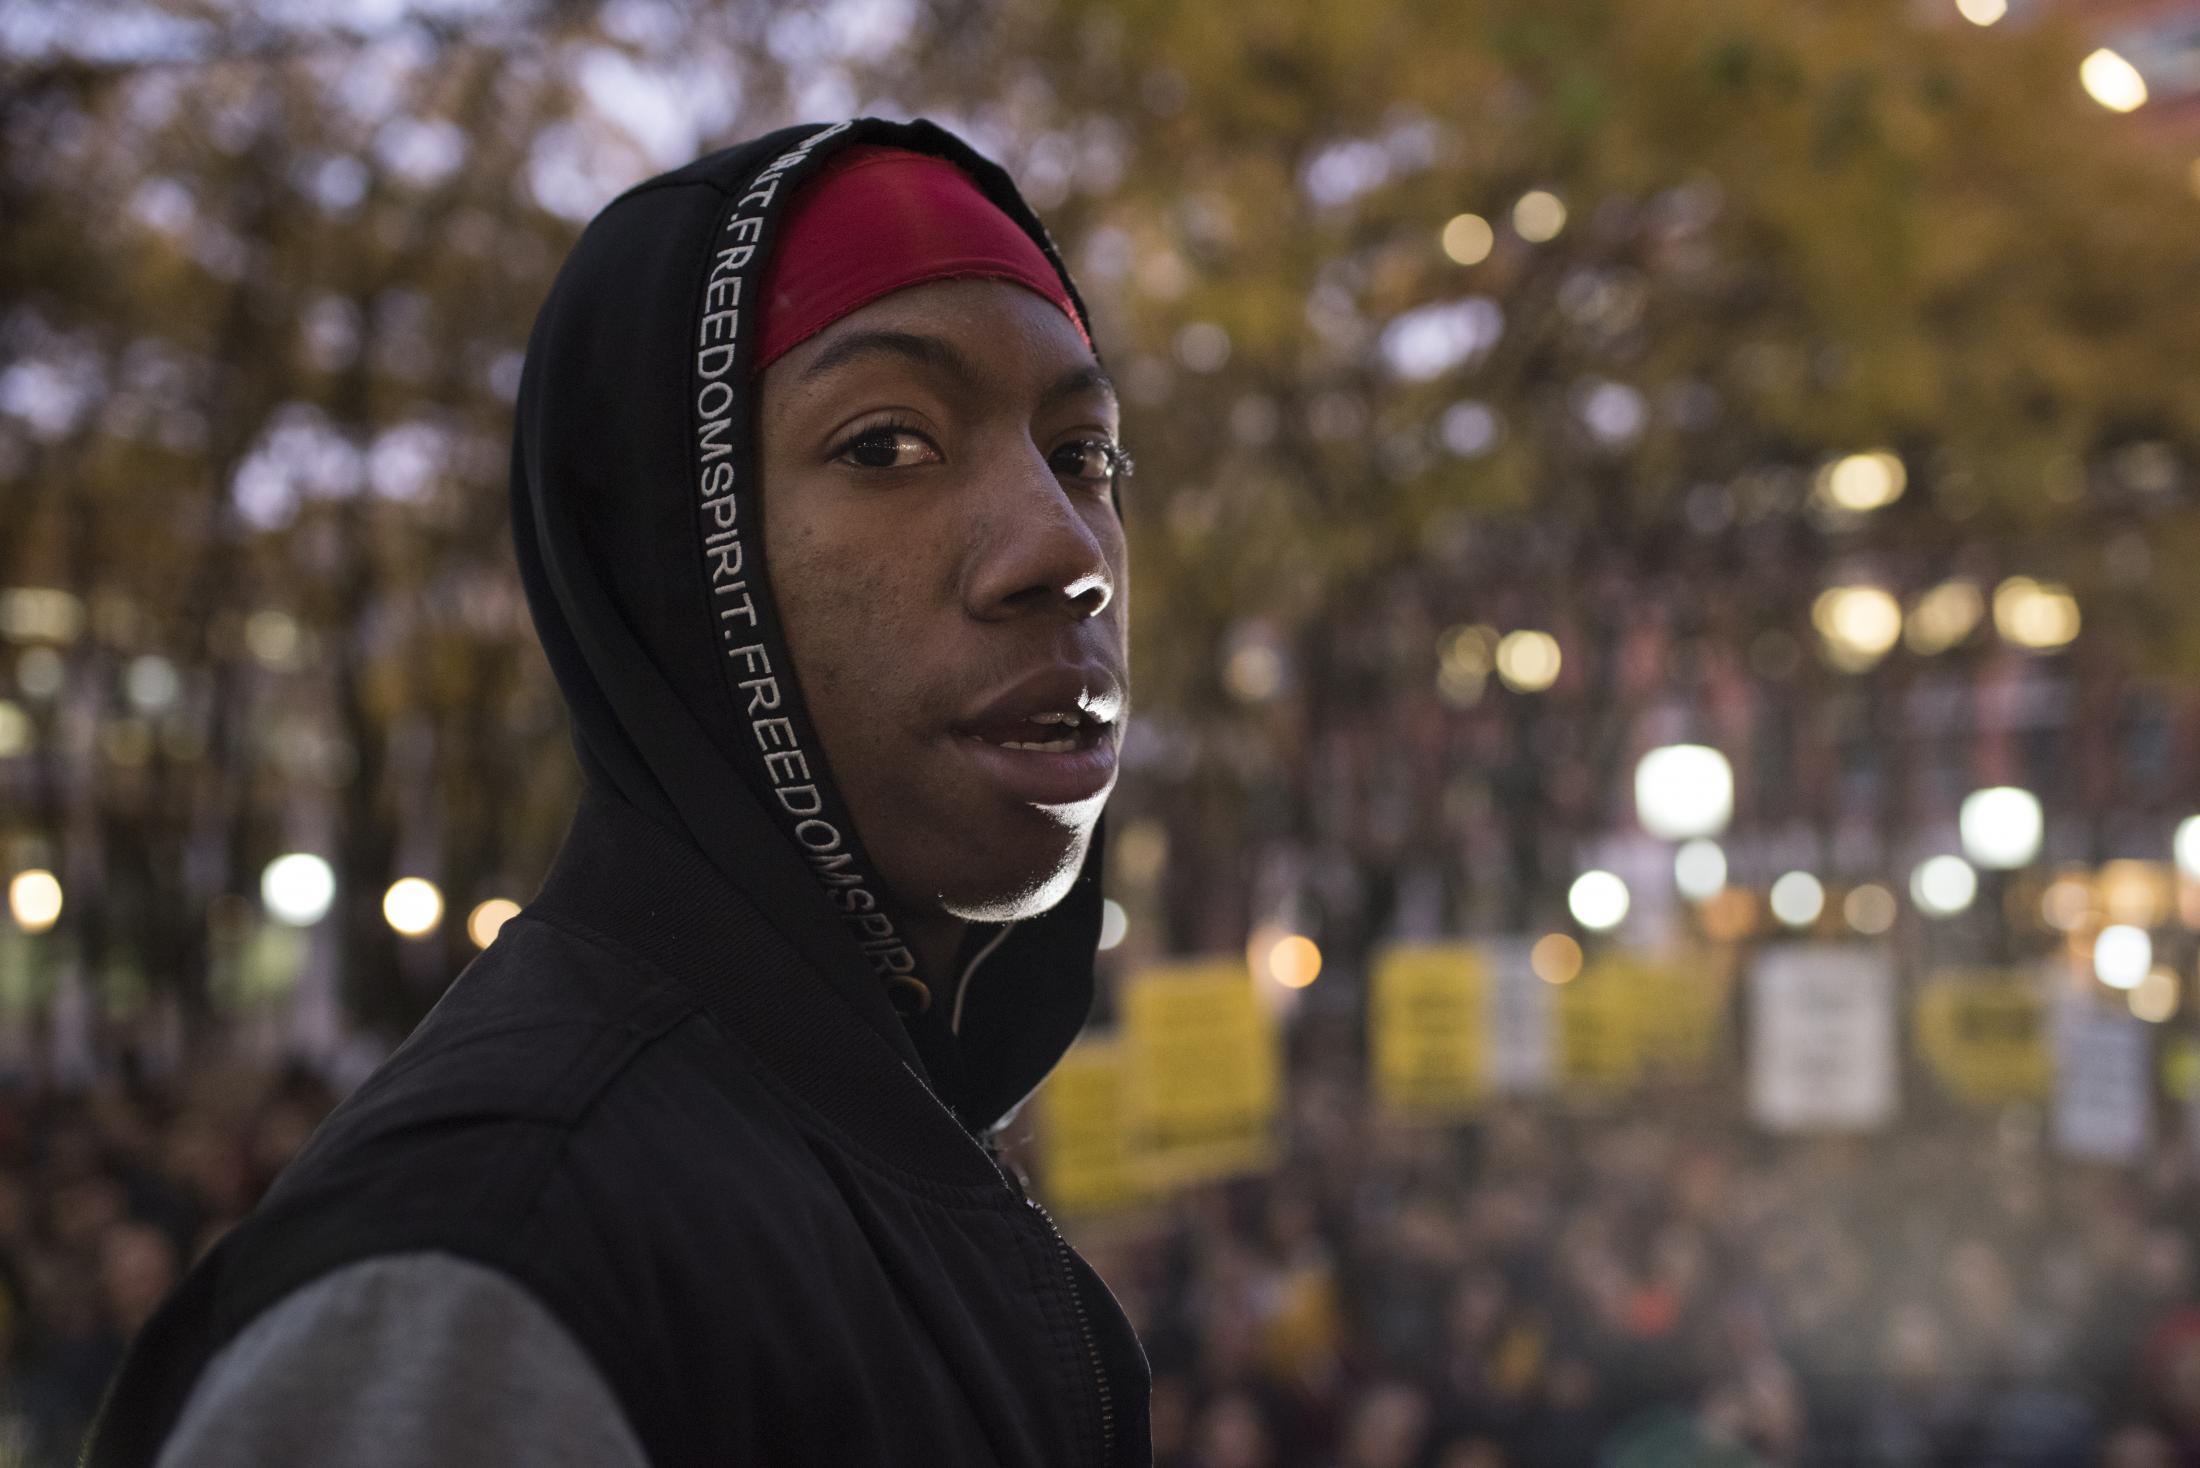 Adrian Napier, jóven de 19 años que se hizo viral por ser detenido en el metro de Nueva York, asiste a una protesta en Brooklyn, en su apoyo por terminar la brutalidad policial en el país. Adrian fue detenido por al menos 10 oficiales del NYPD y apuntado con armas de servicio, siendo falsamente acusado de portar un arma y no pagar la tarifa del metro, generando el principio de una ola de protestas en la ciudad, llamando a la evasión del pasaje del metro, en sincronía con movimientos sociales en Latino América, como Chile.